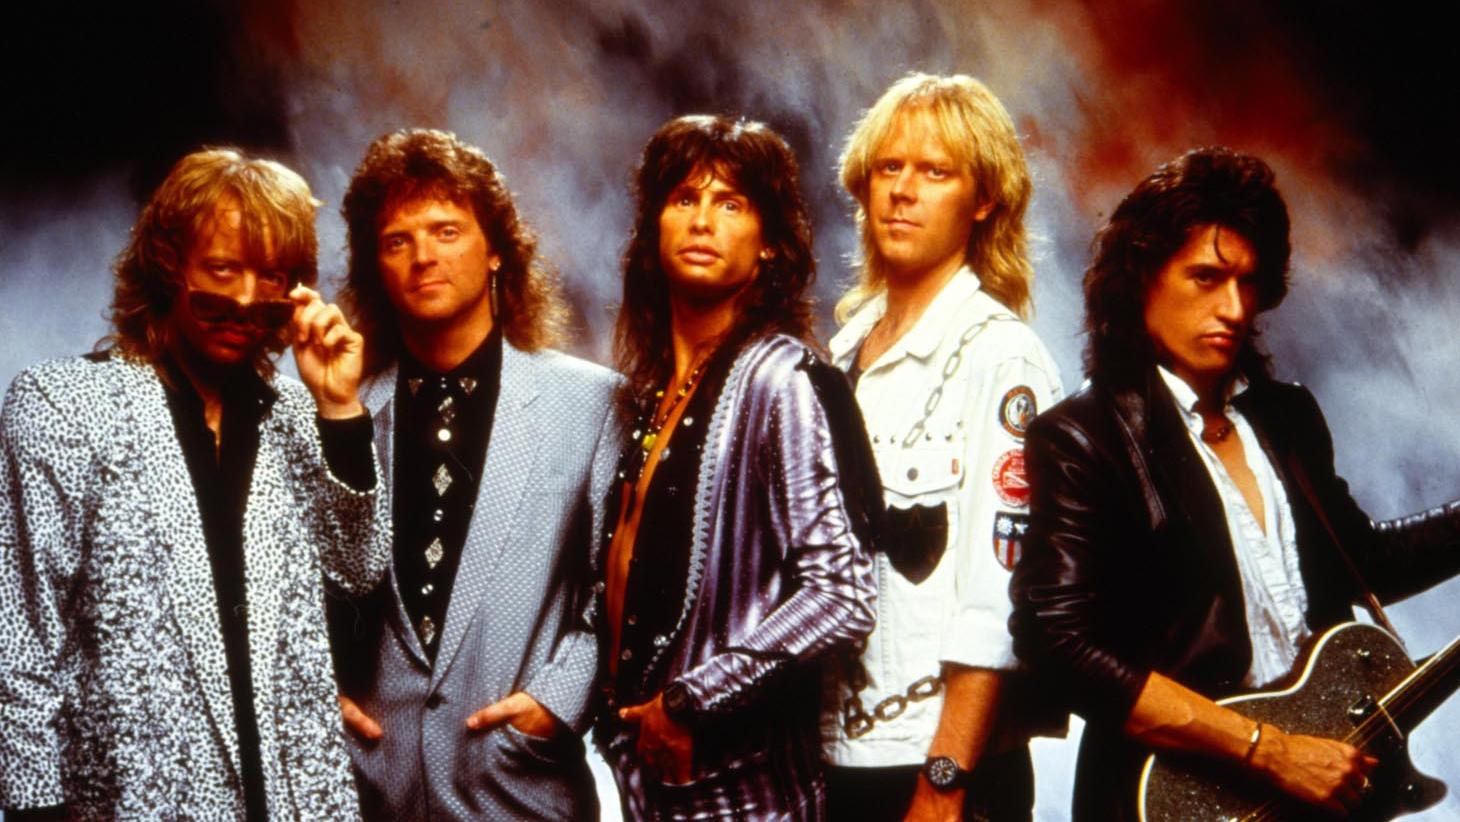 Aerosmith many moons ago